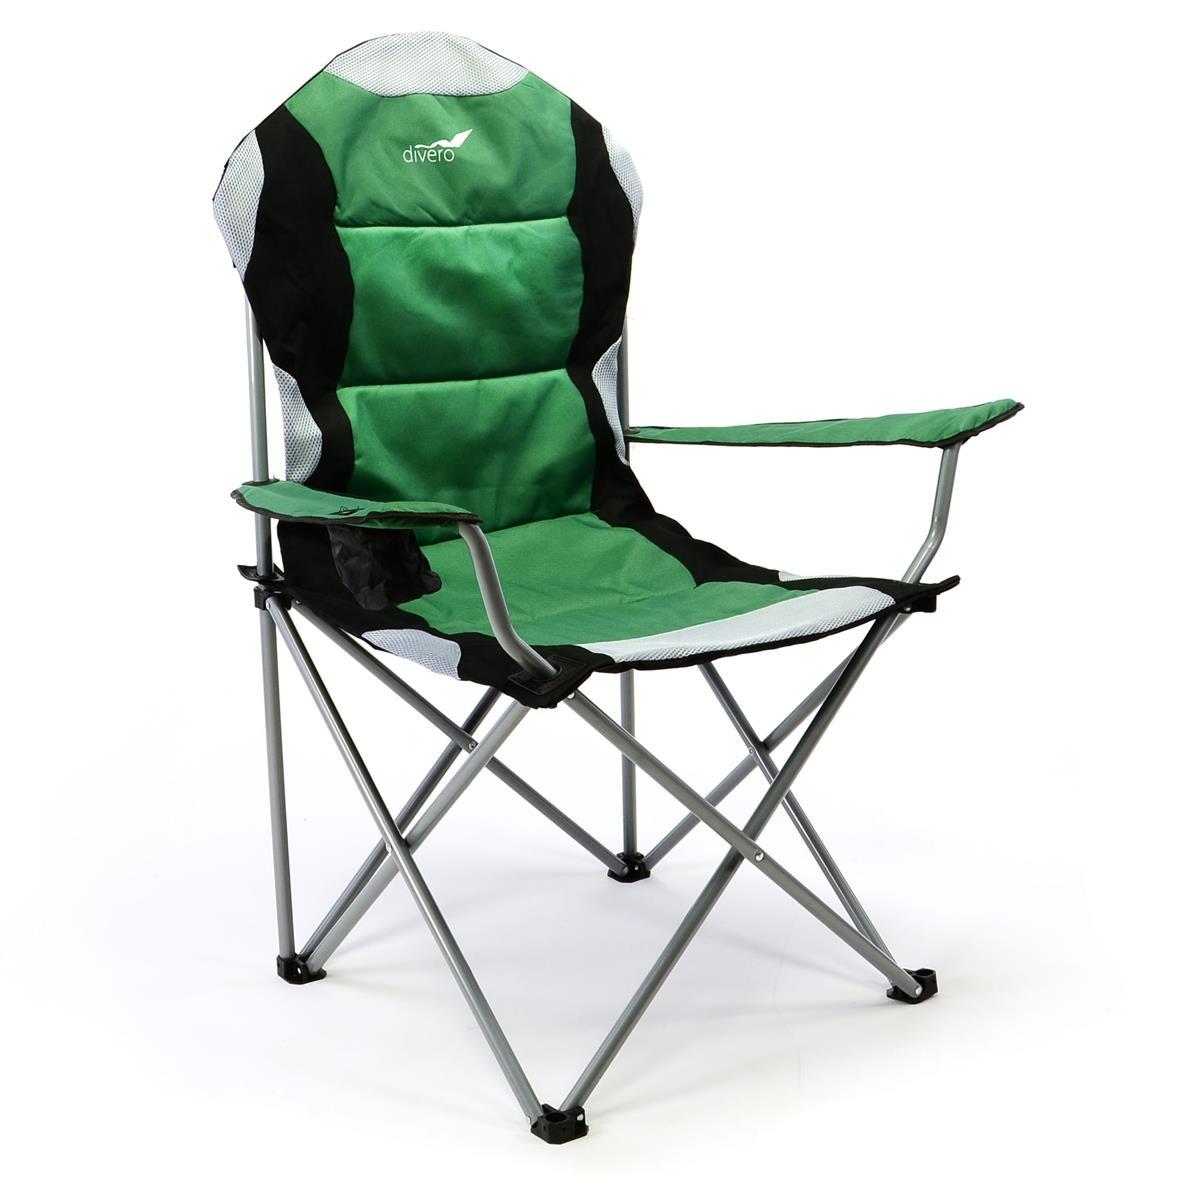 Divero Deluxe Campingstuhl grün schwarz Faltstuhl Angelstuhl gepolstert